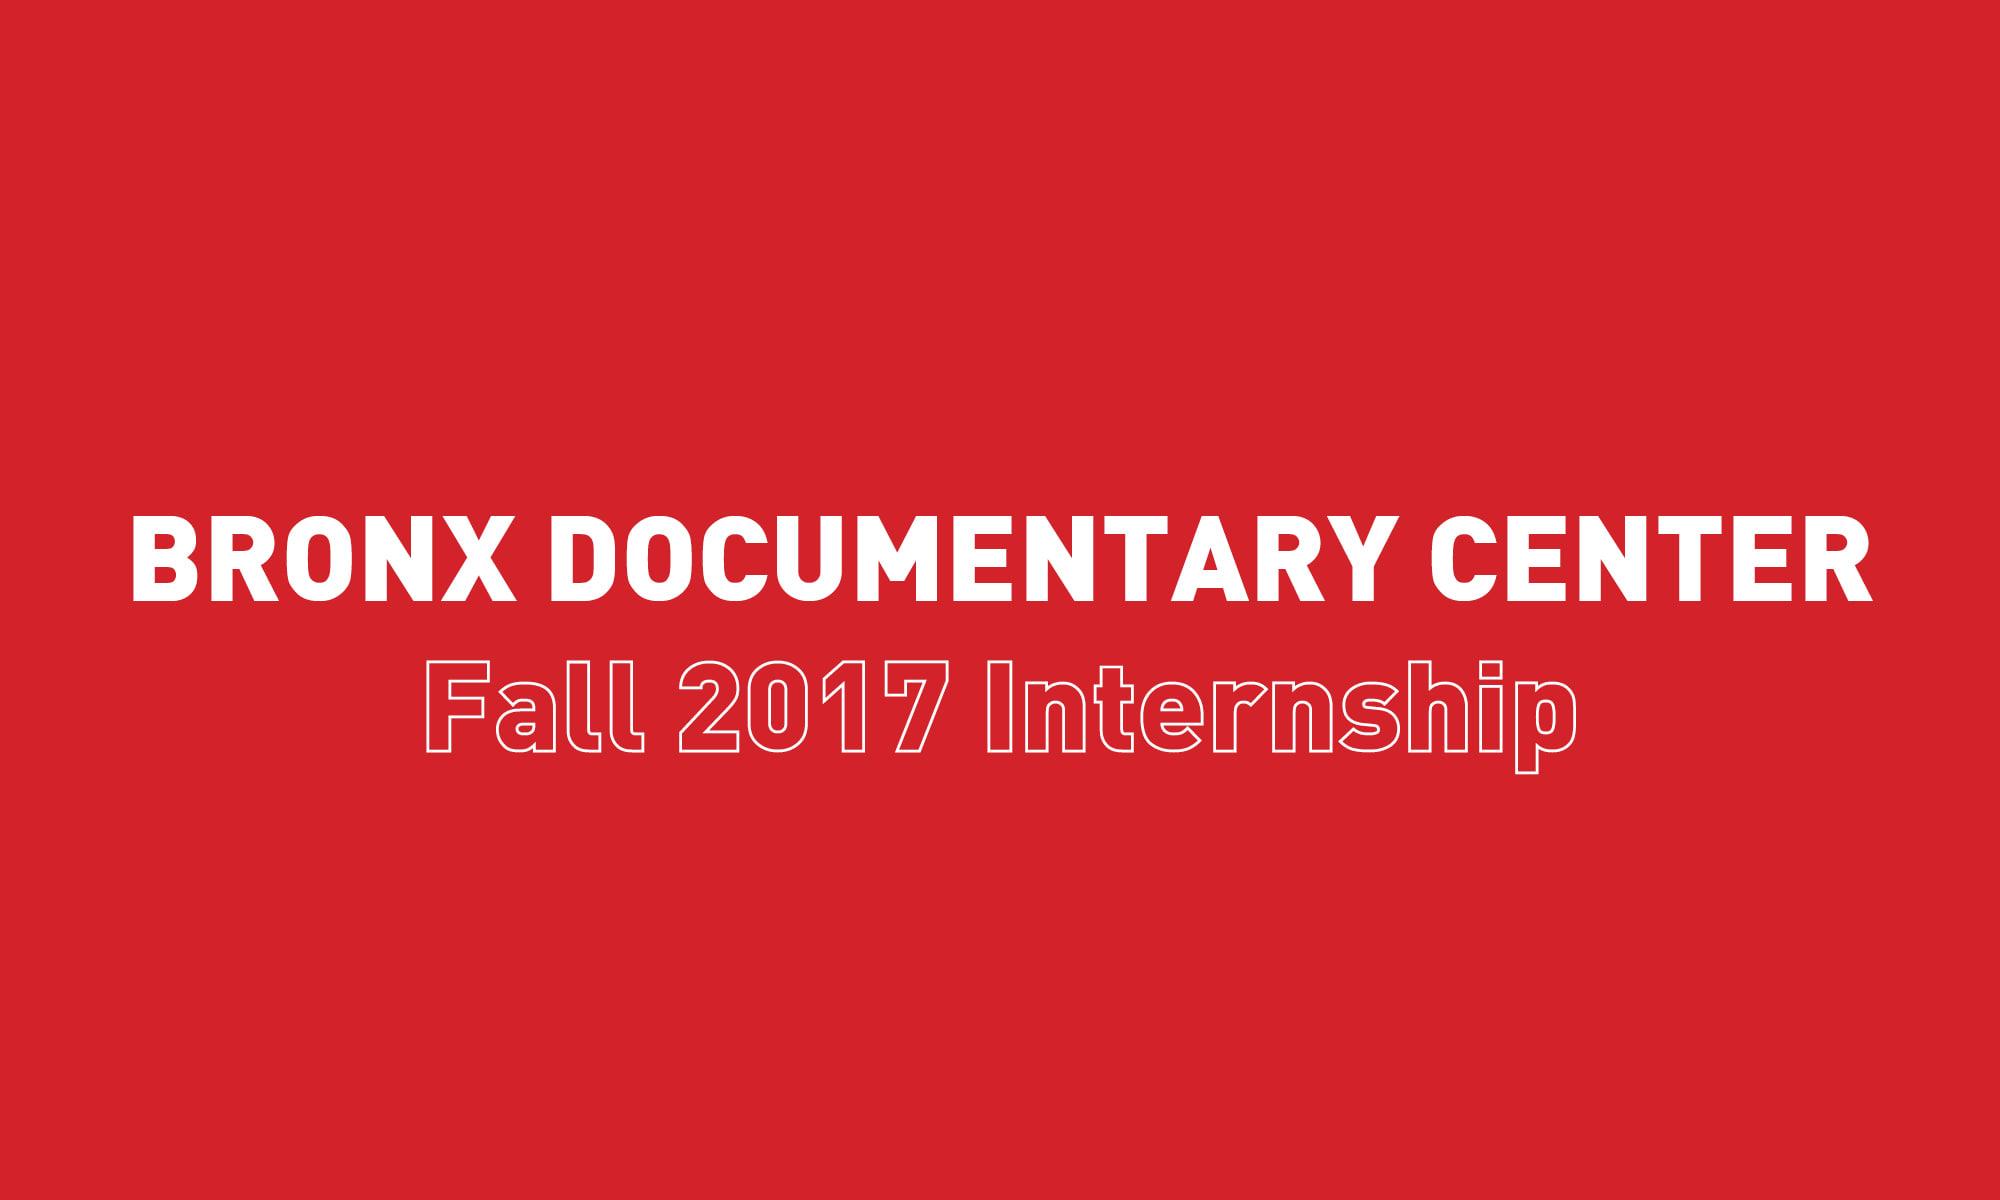 Fall 2017 Internship